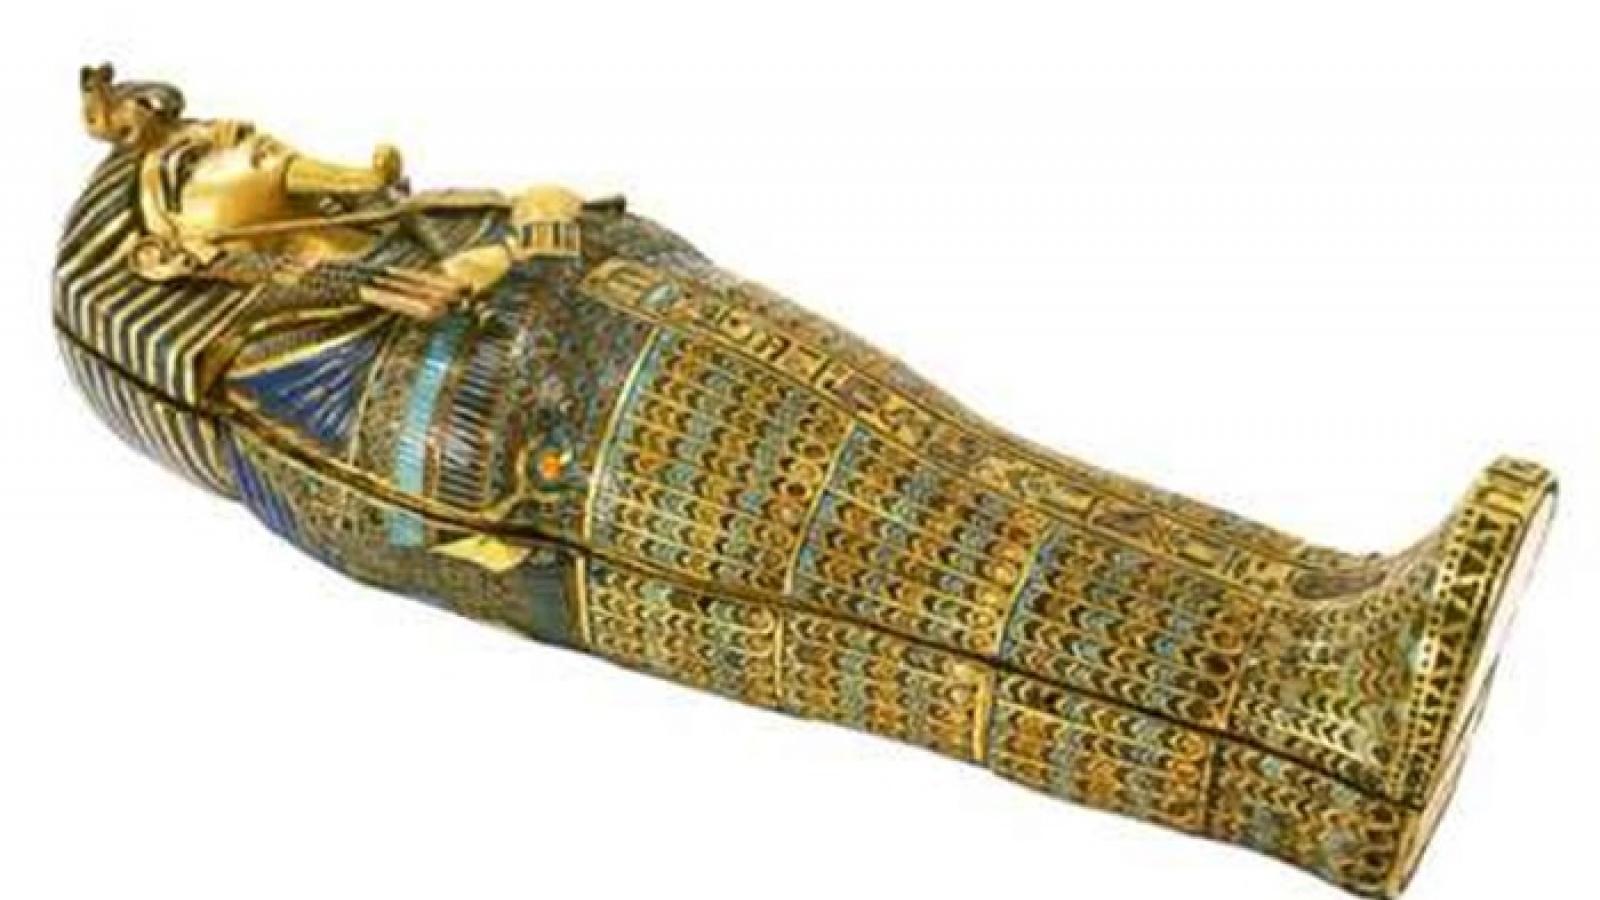 Ai Cập trưng bày hơn 100 quan tài có niên đại 2.500 năm